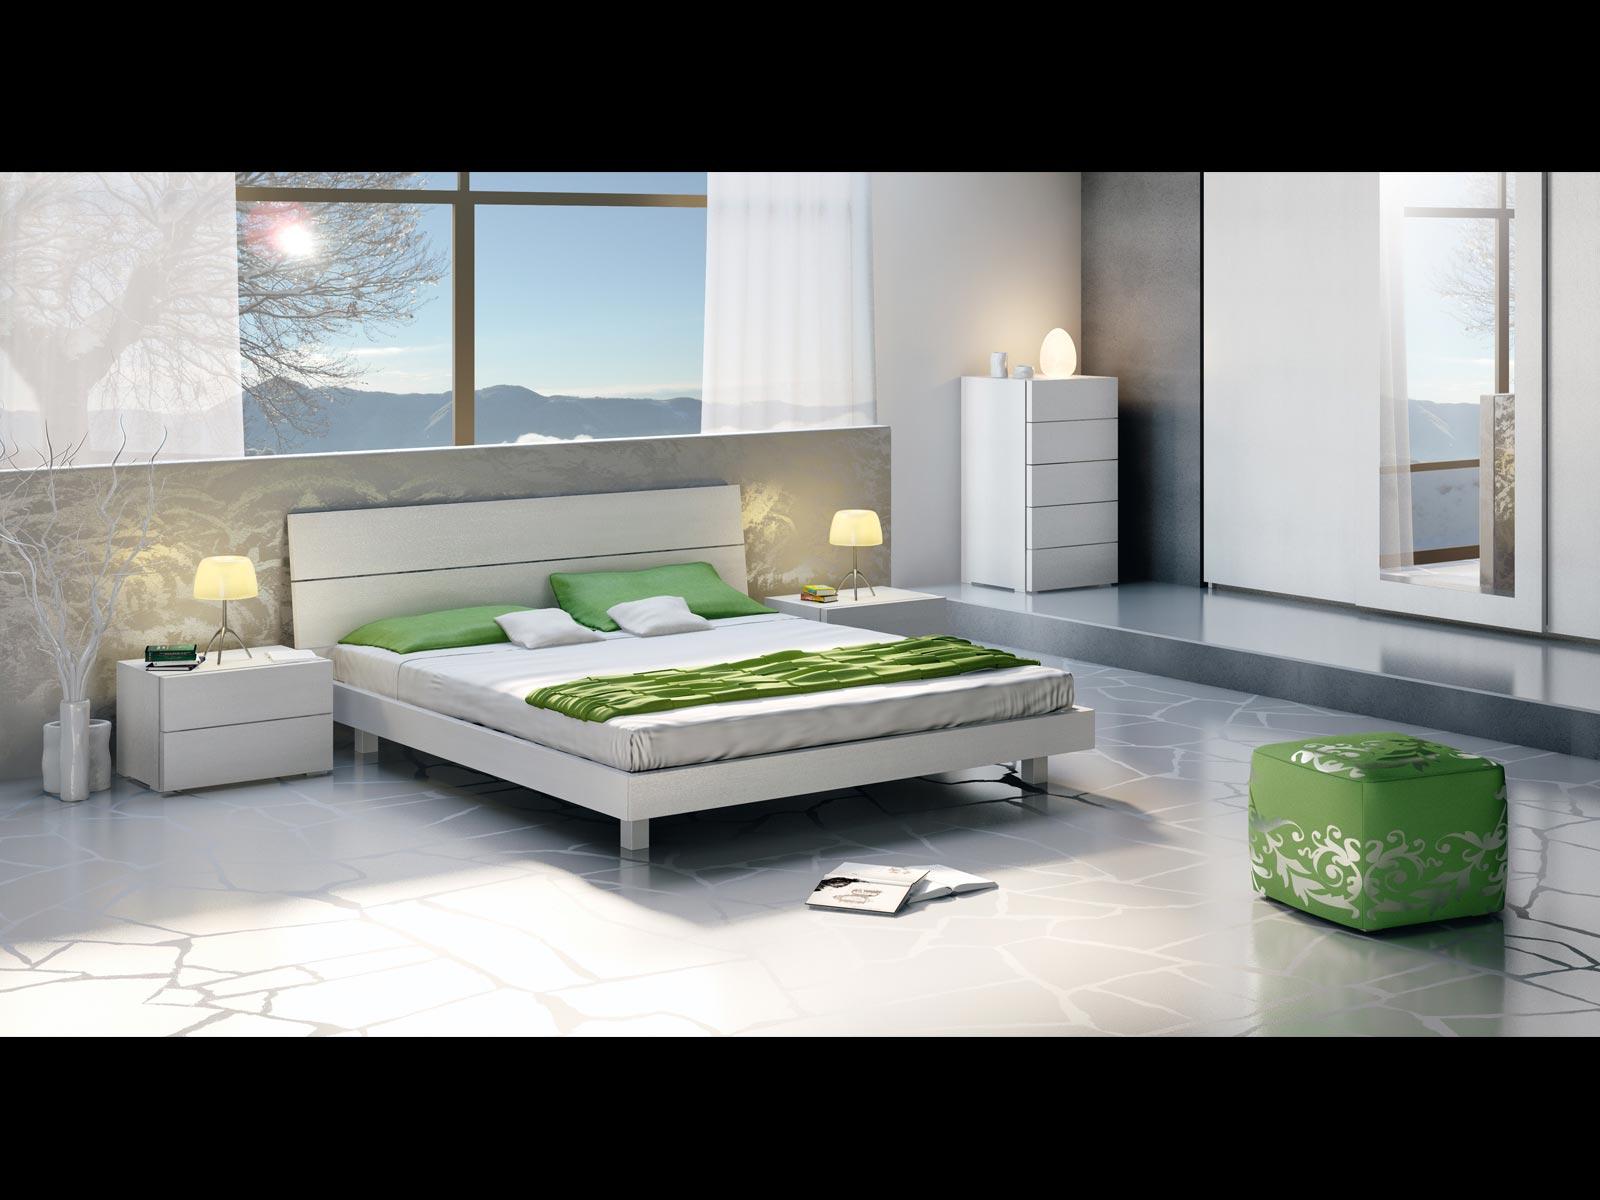 Letto Giapponese Ikea. Great Top Simple Cotone Divani Letto Singoli Ikea Verde Shaker Schiena ...